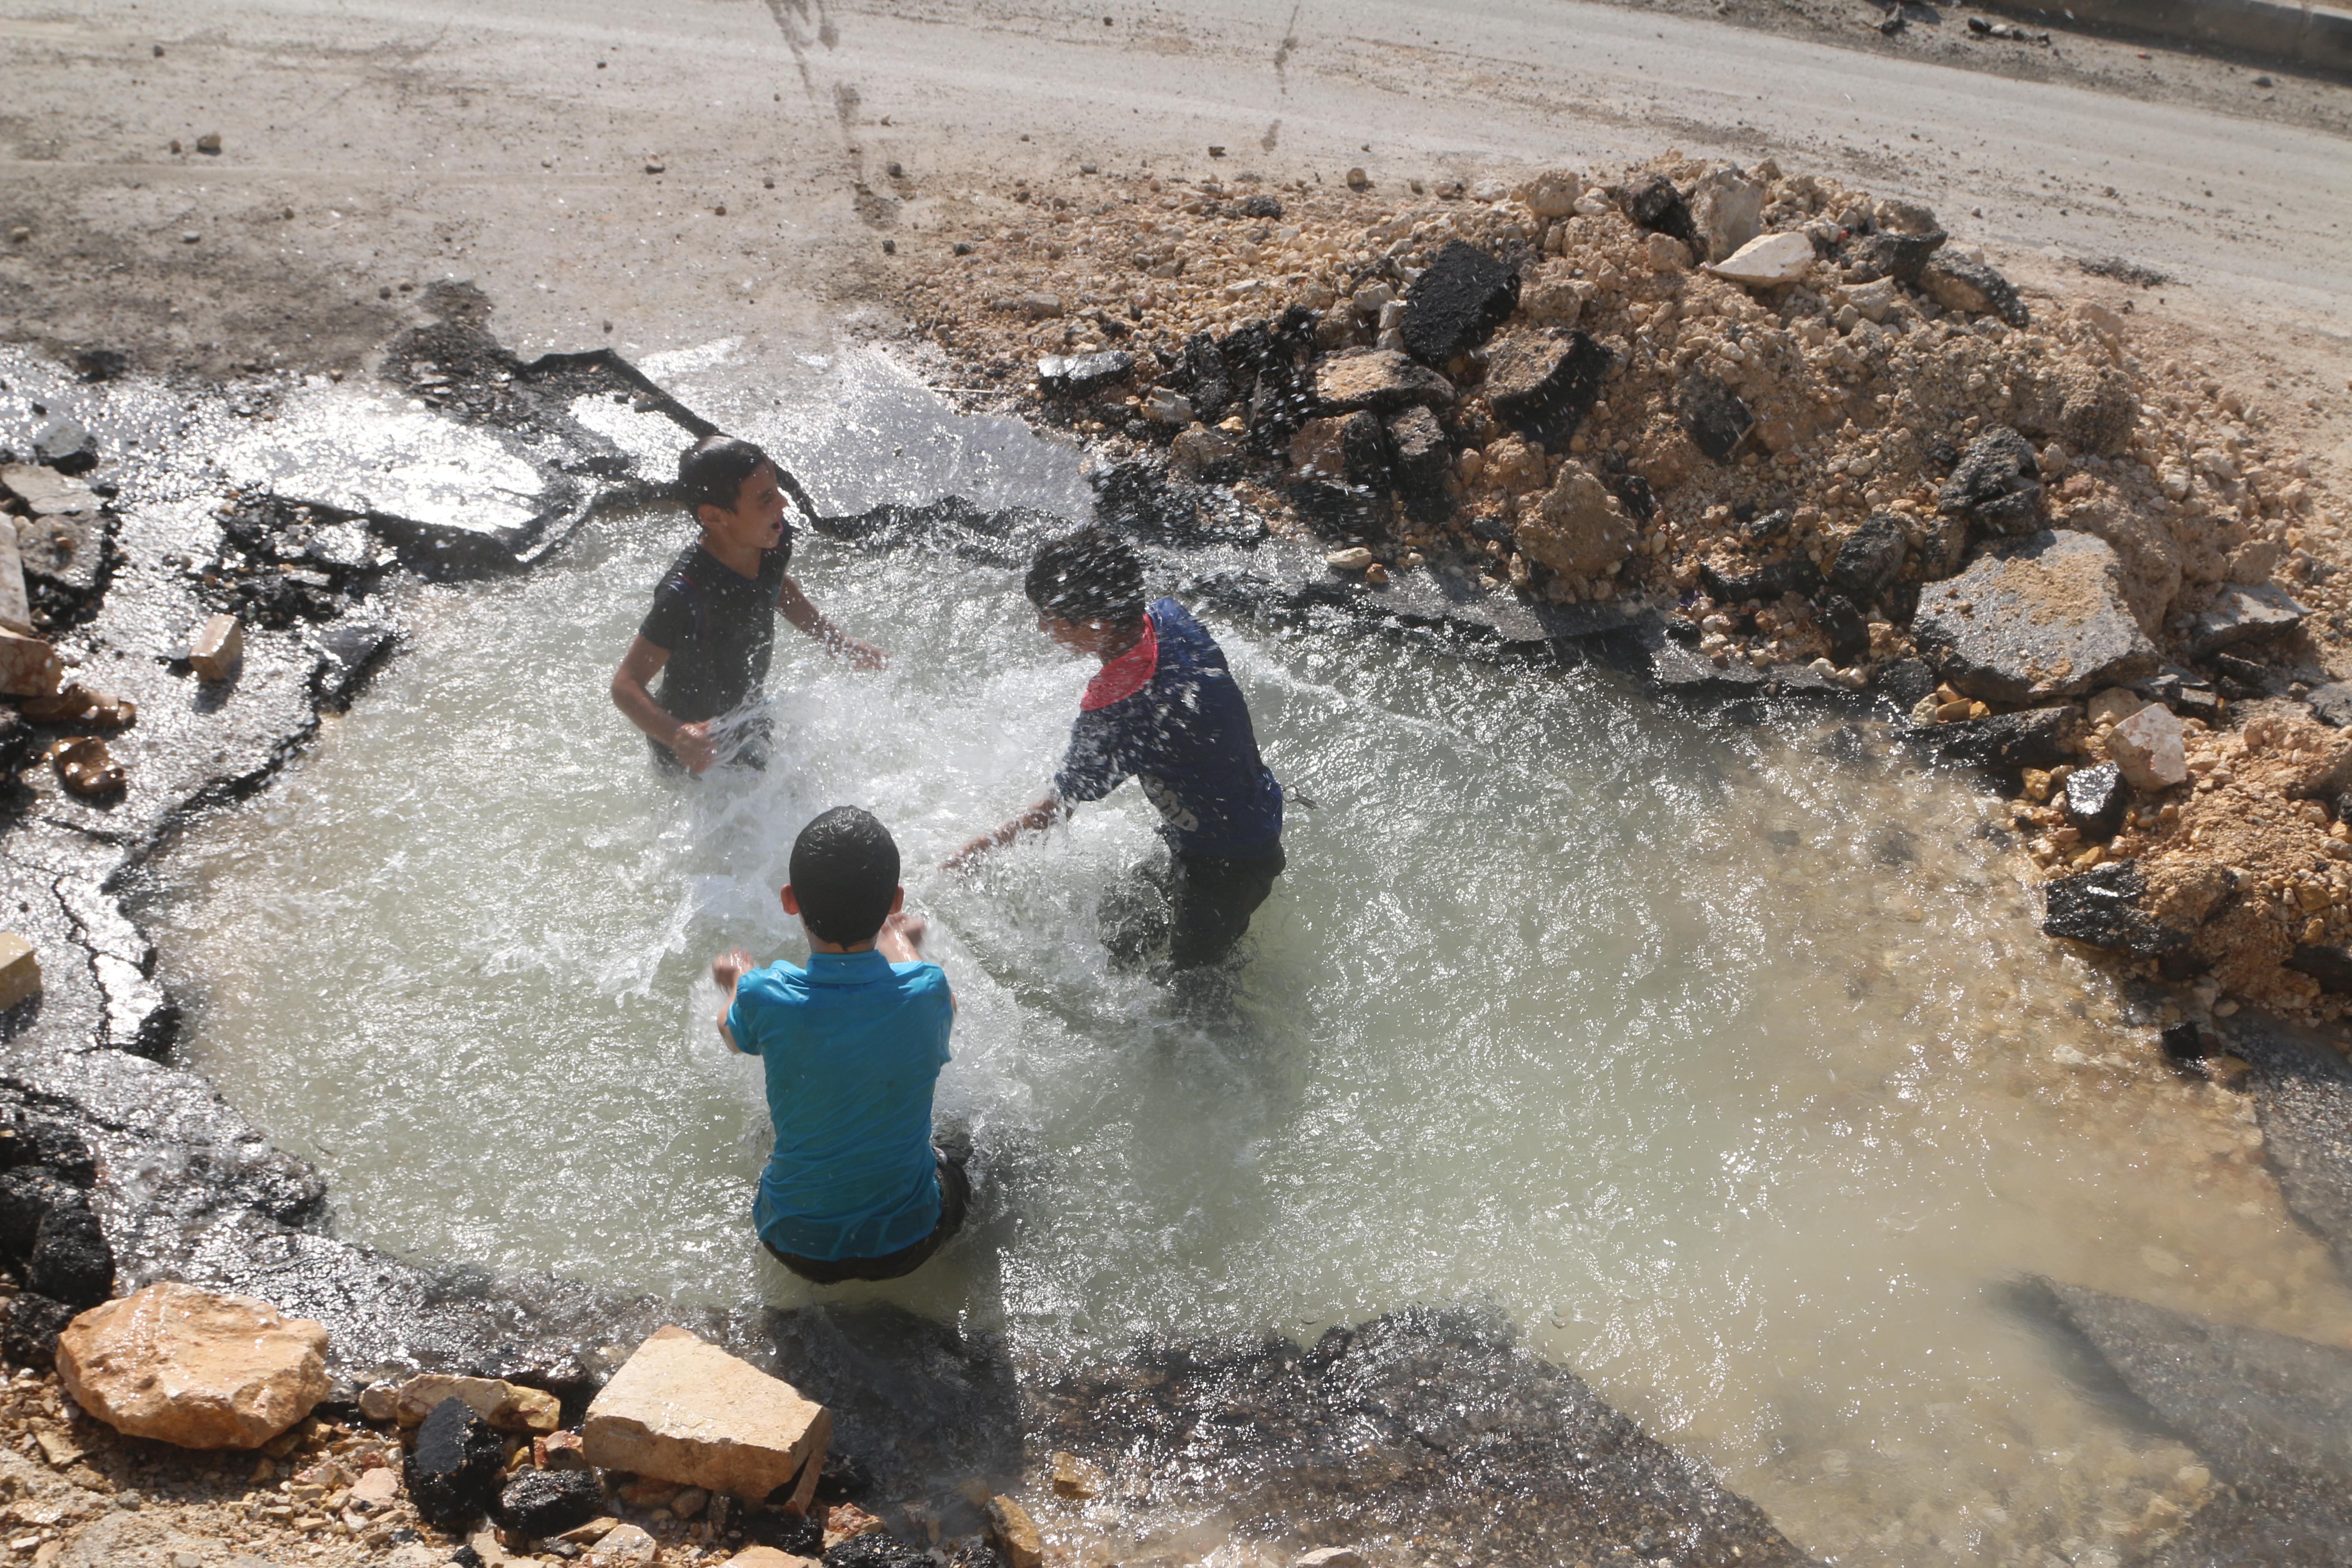 Lapset leikkivät pienessä vesilammessa.